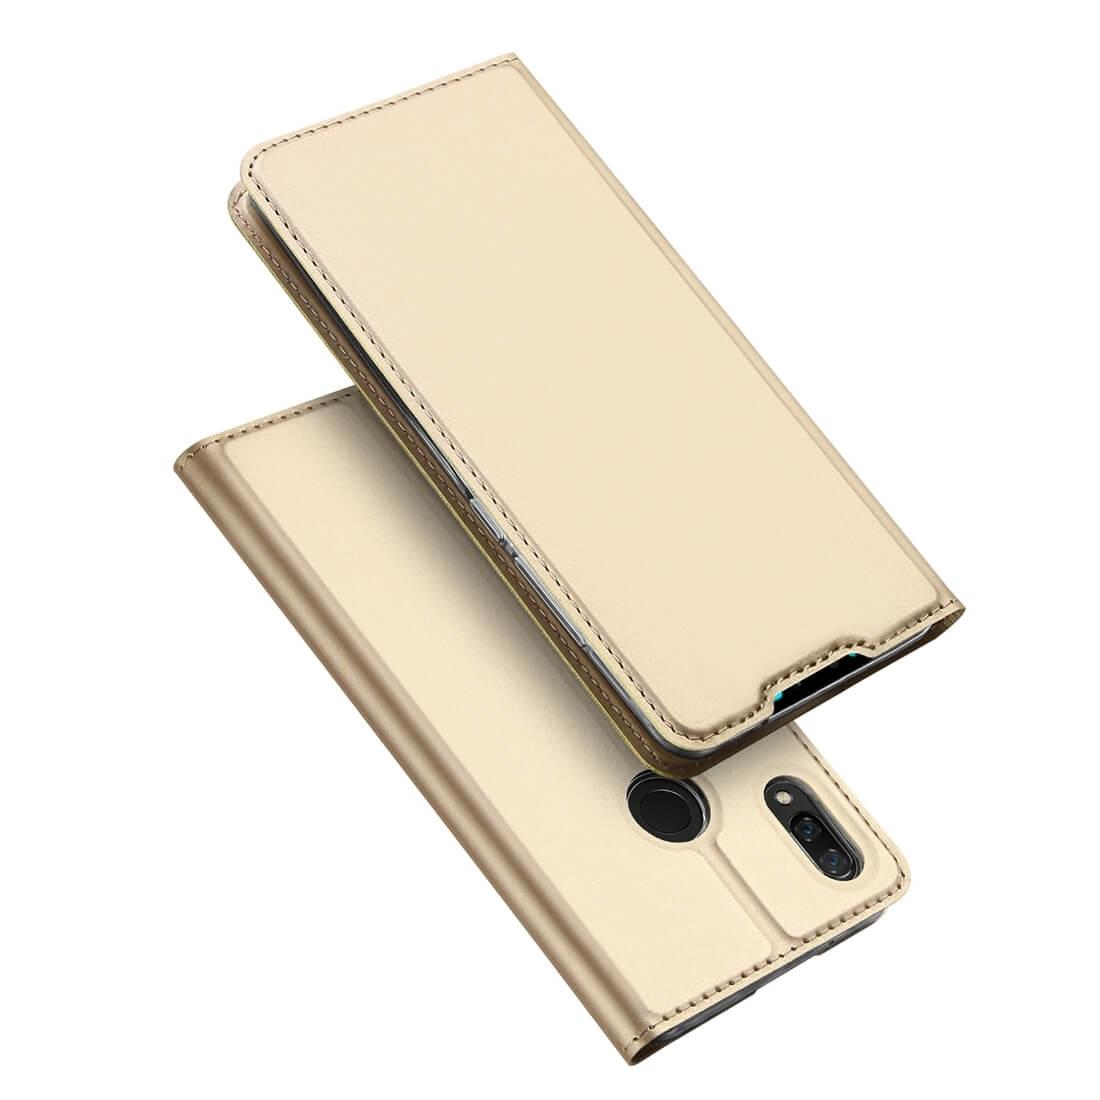 DUX Peňaženkové pouzdro Huawei Y9 2019 zlaté